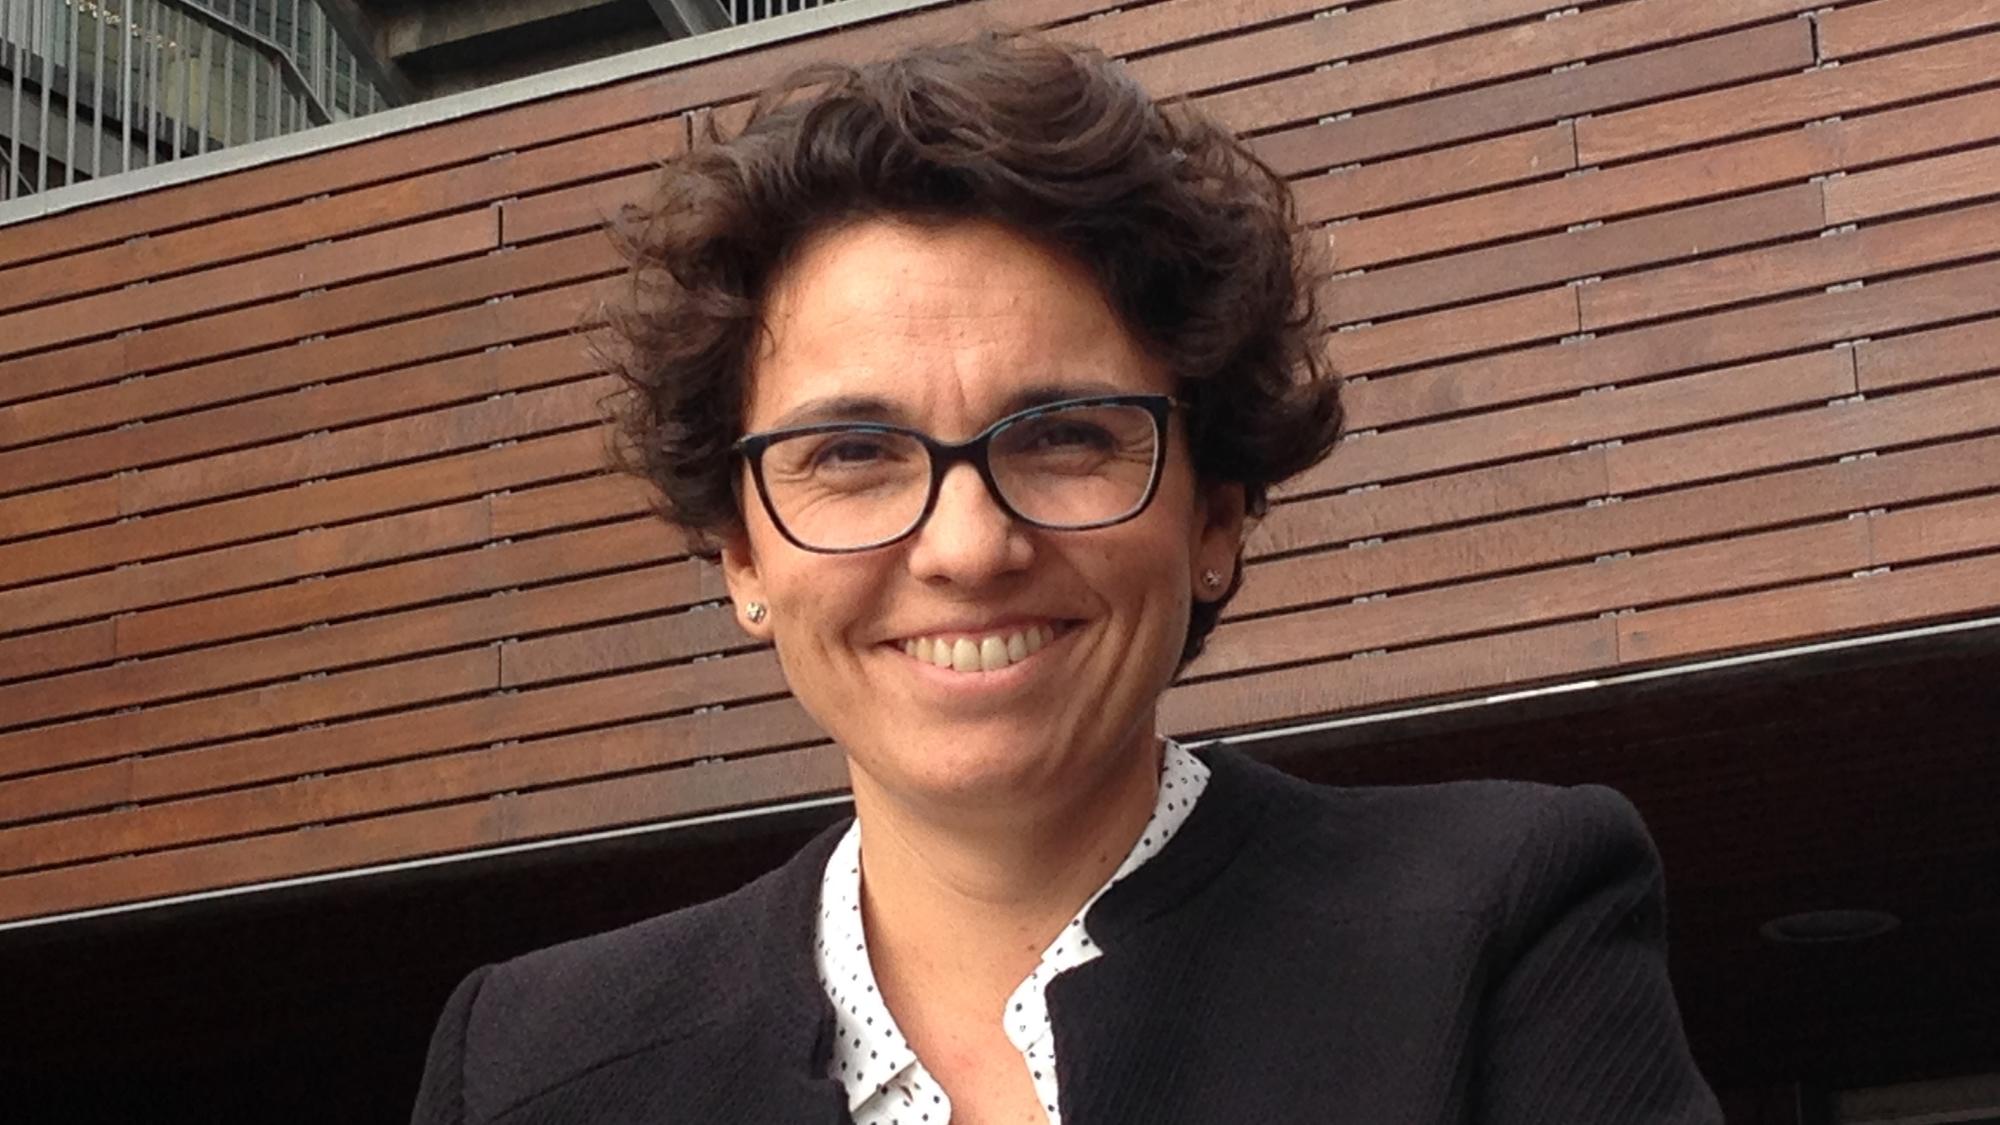 Edurne Arriola, cap de secció del Servei d'Oncologia de l'Hospital del Mar i investigadora del grup de Teràpia Molecular del Càncer de l'IMIM.